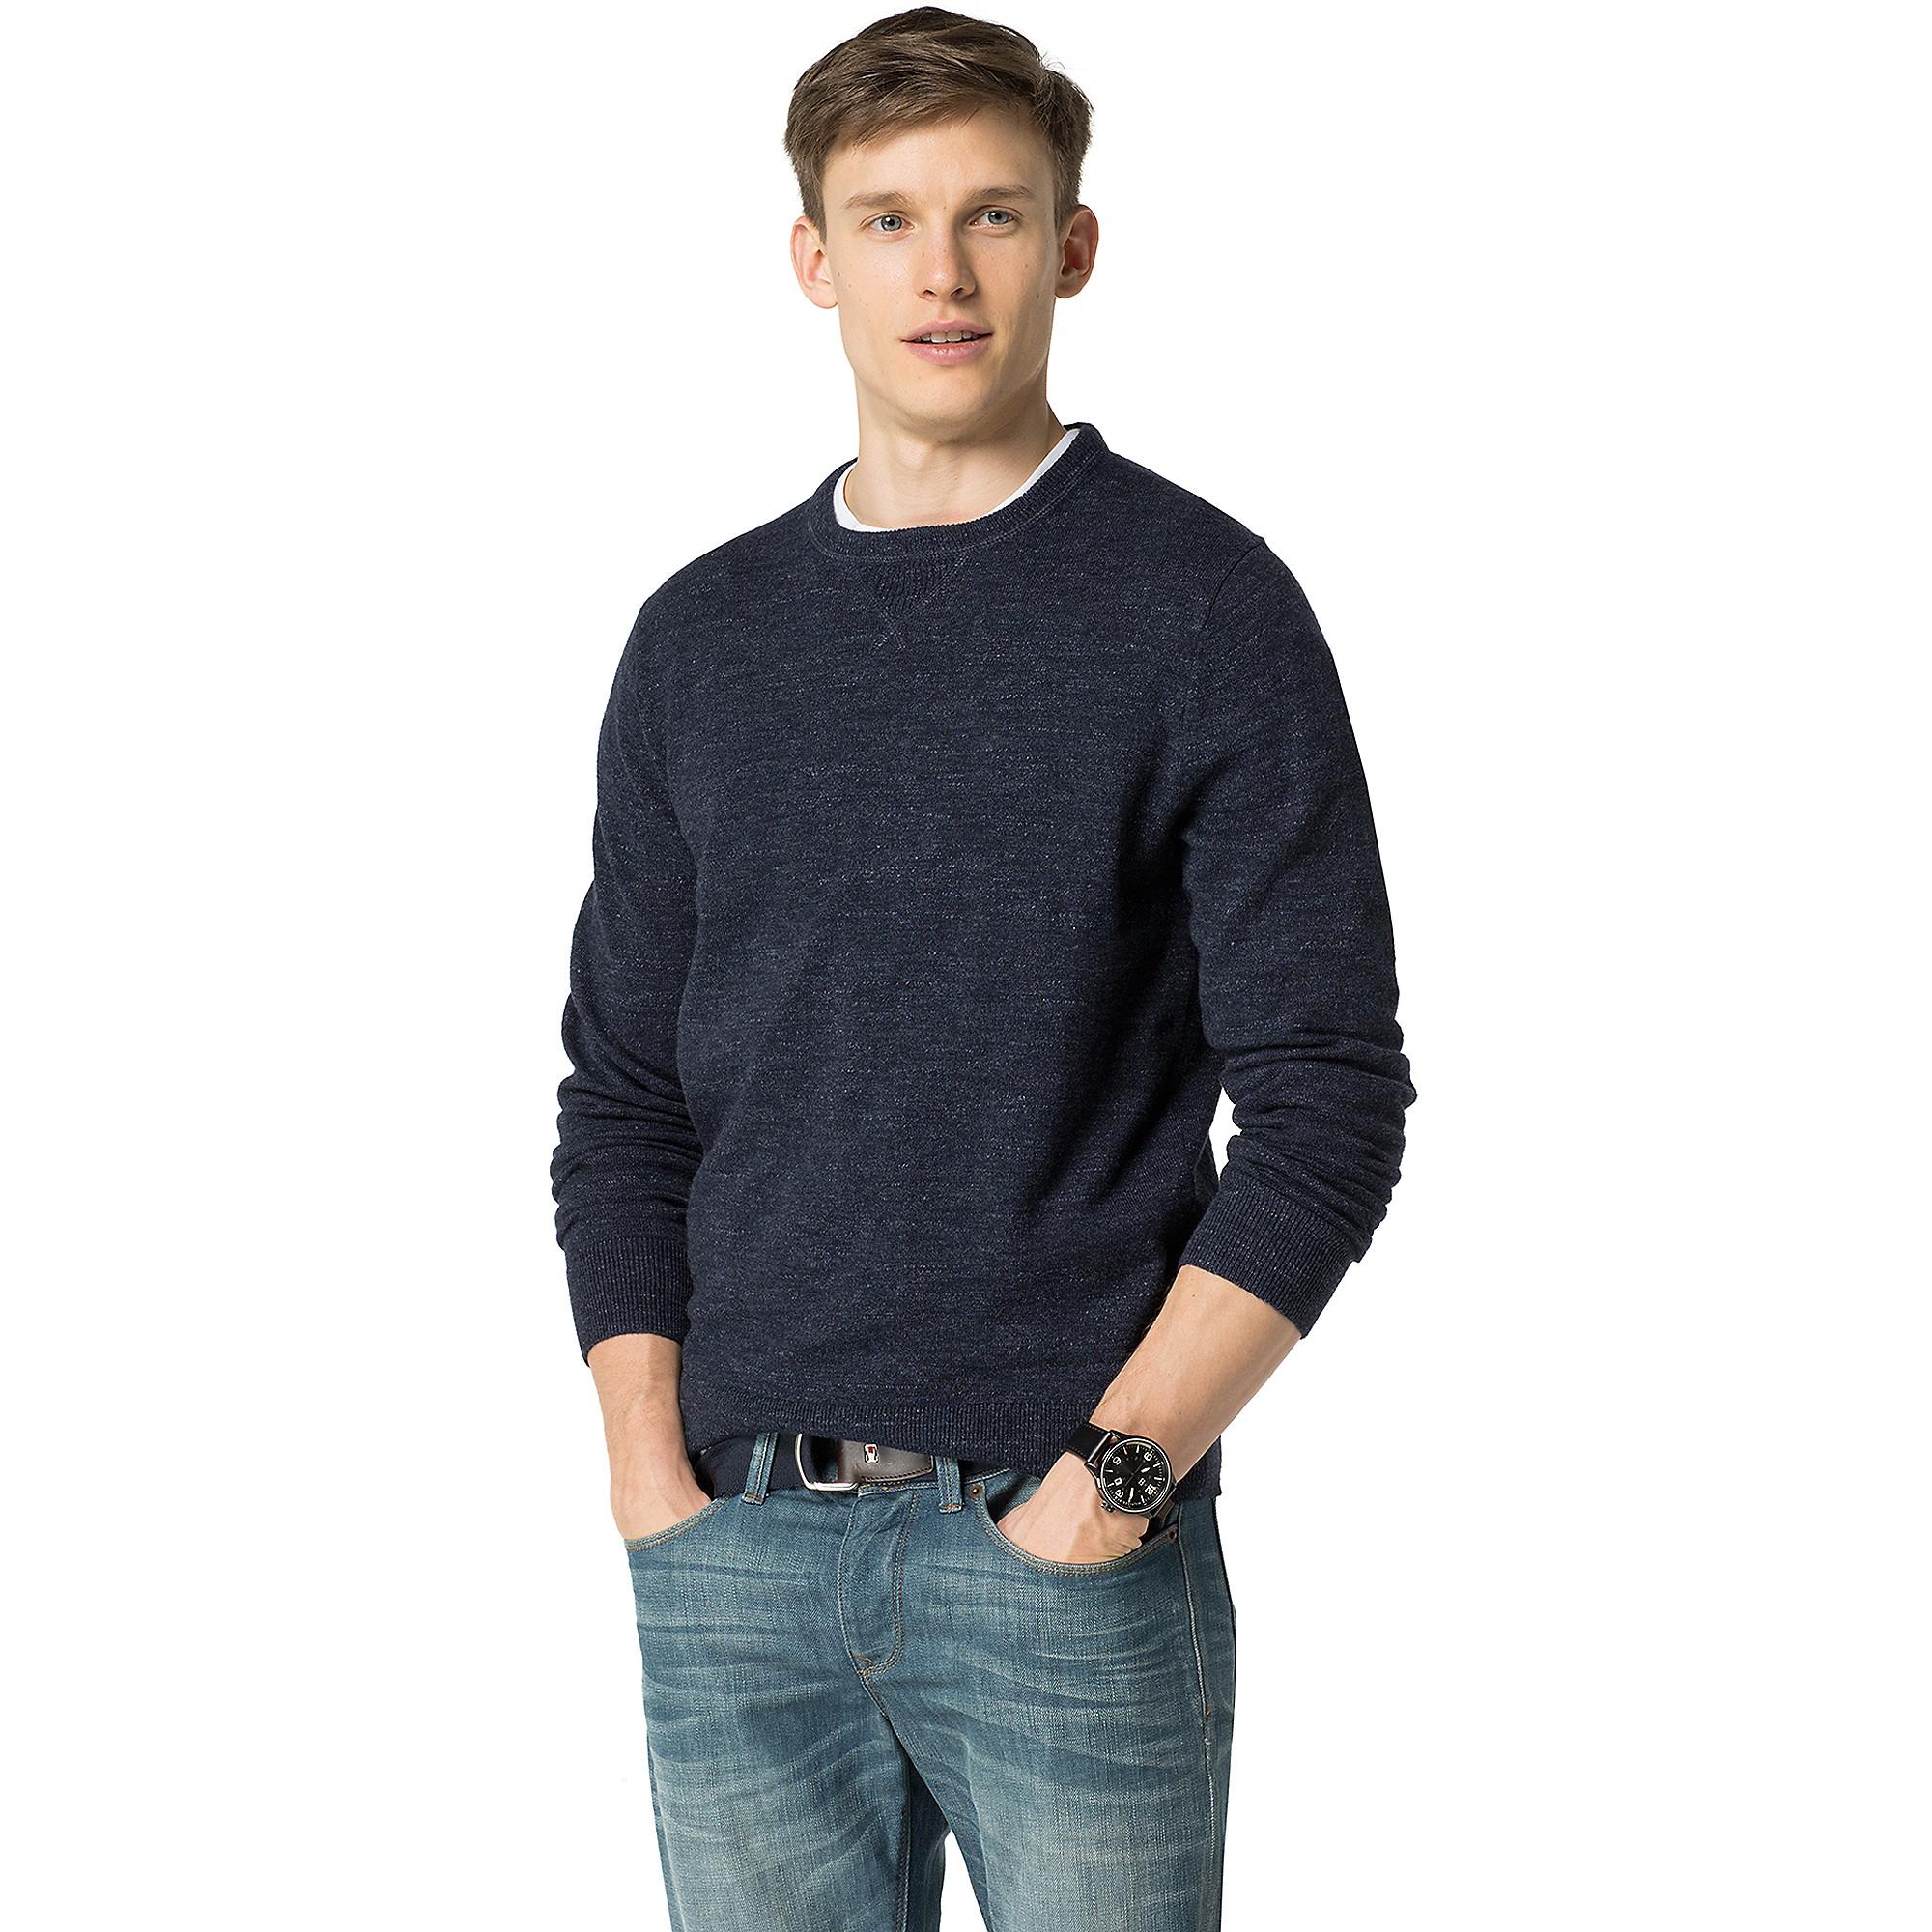 tommy hilfiger sport sweater in blue for men navy blazer. Black Bedroom Furniture Sets. Home Design Ideas